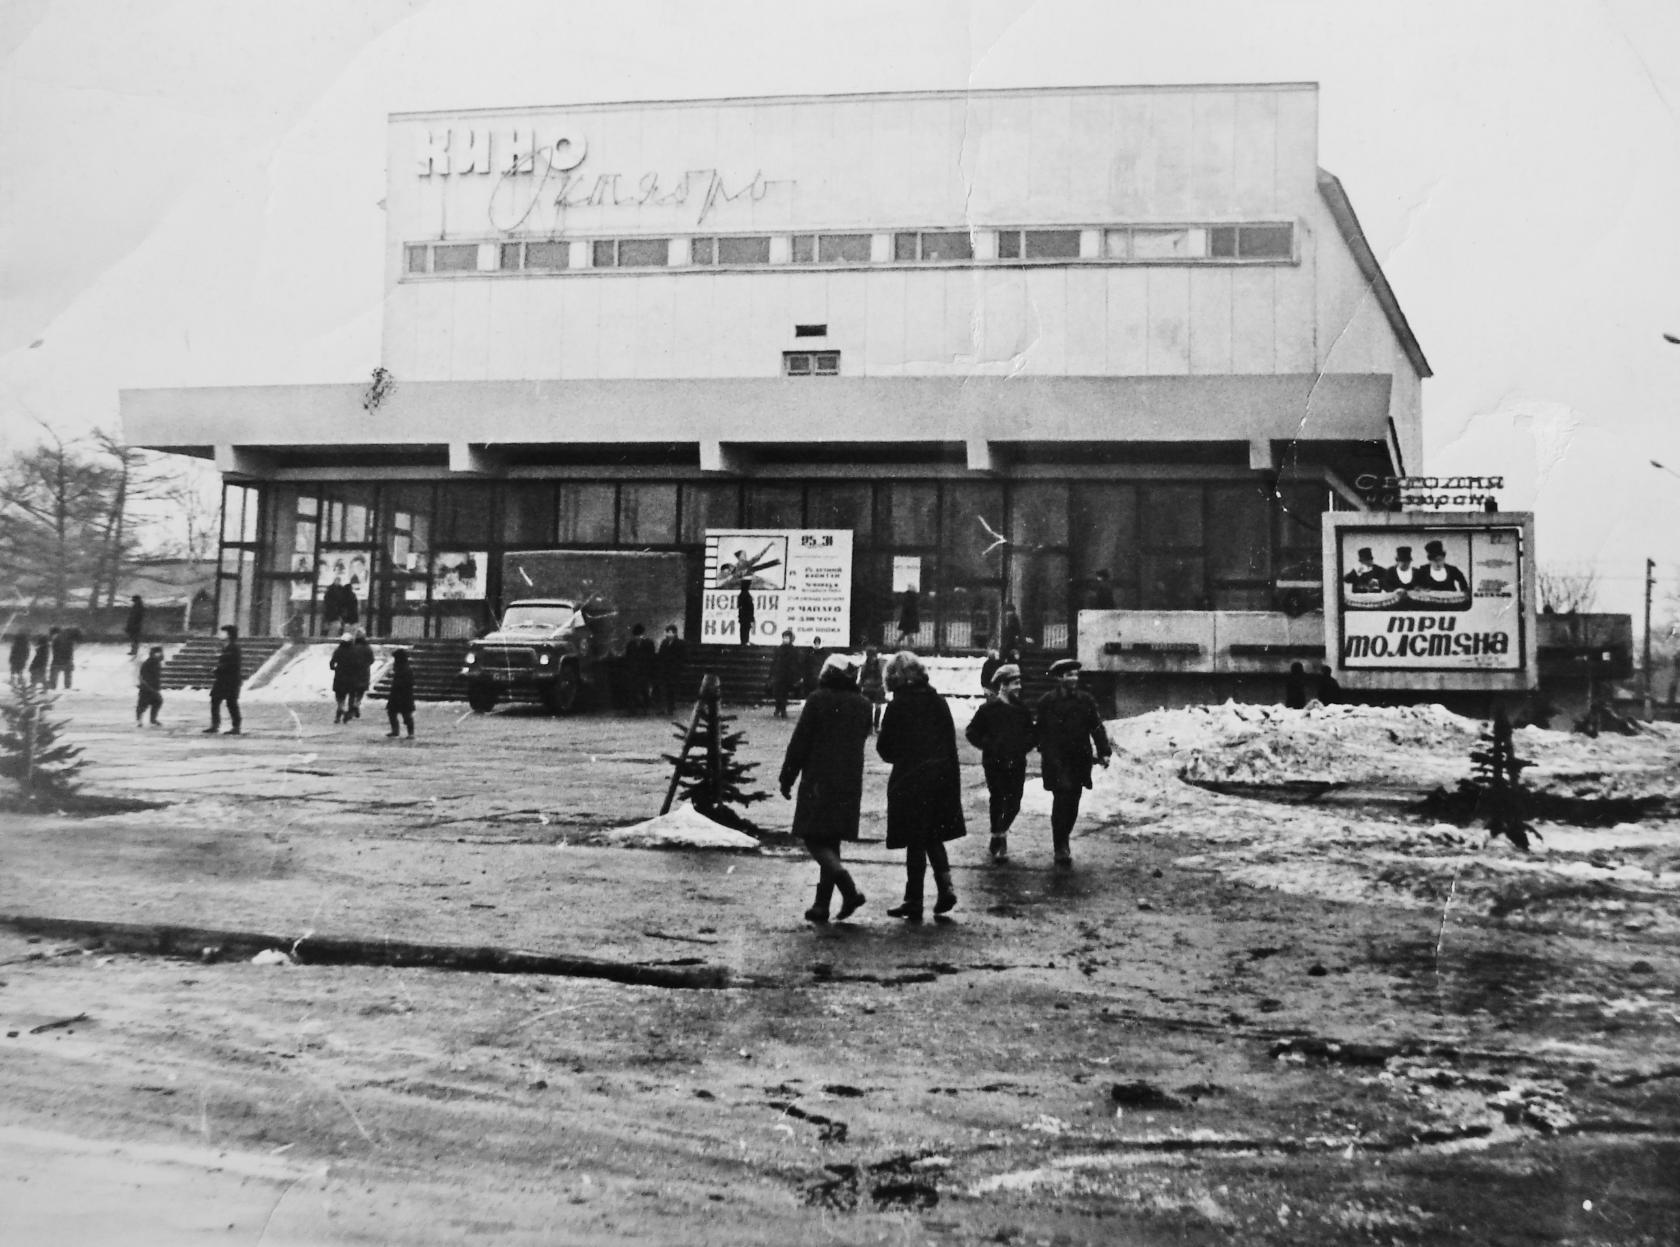 Кинотеатр Октябрь в г. Южно-Сахалинске. На афише сегодня Три толстяка